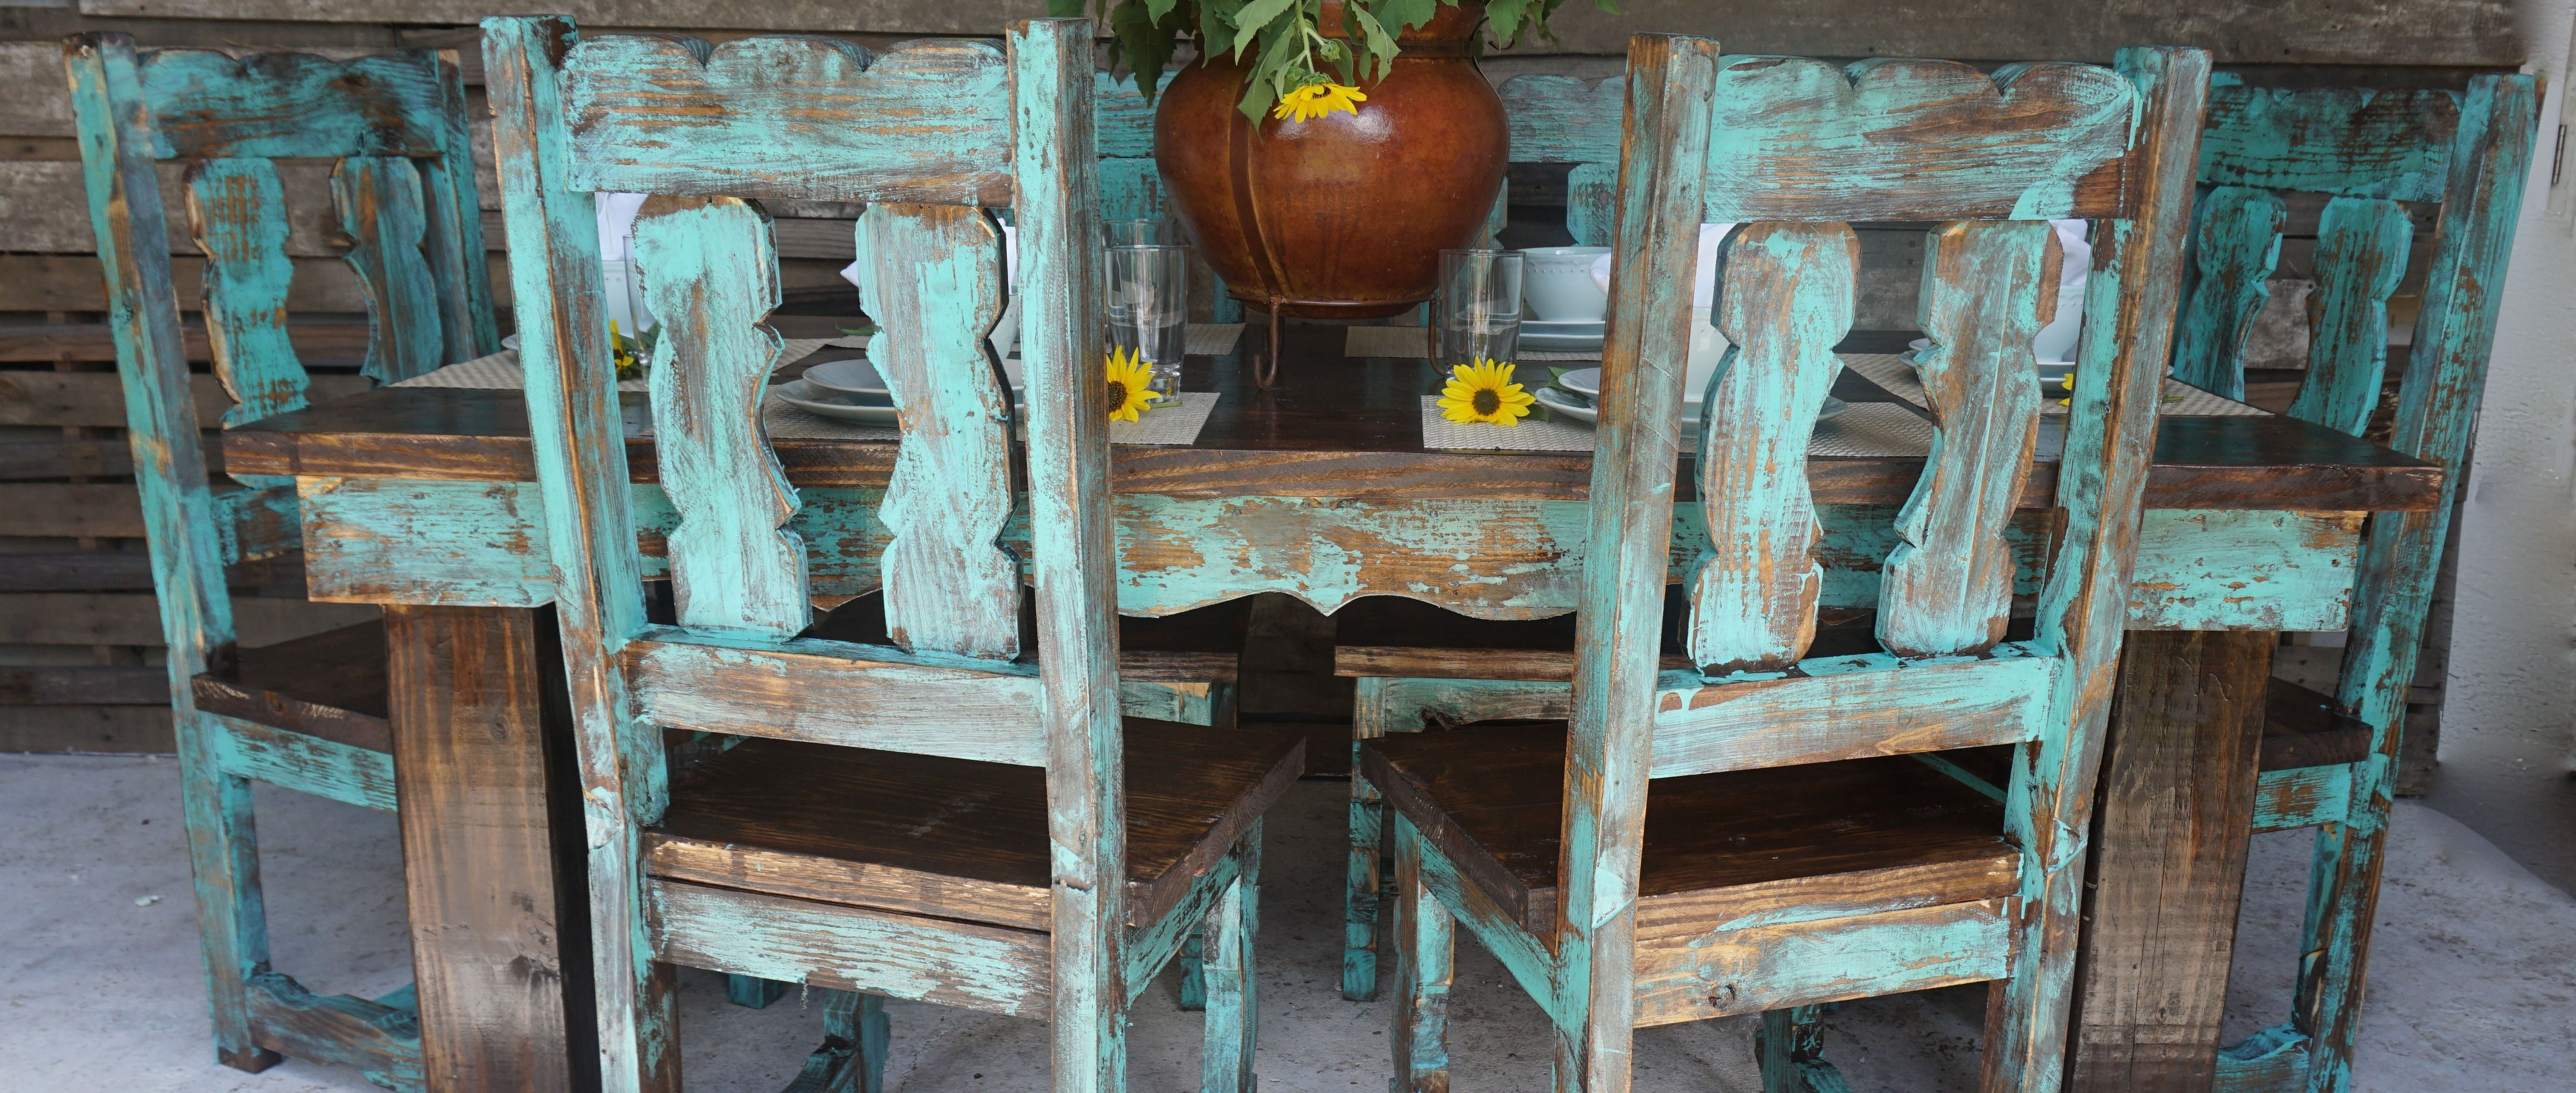 Sofia's Rustic Furniture